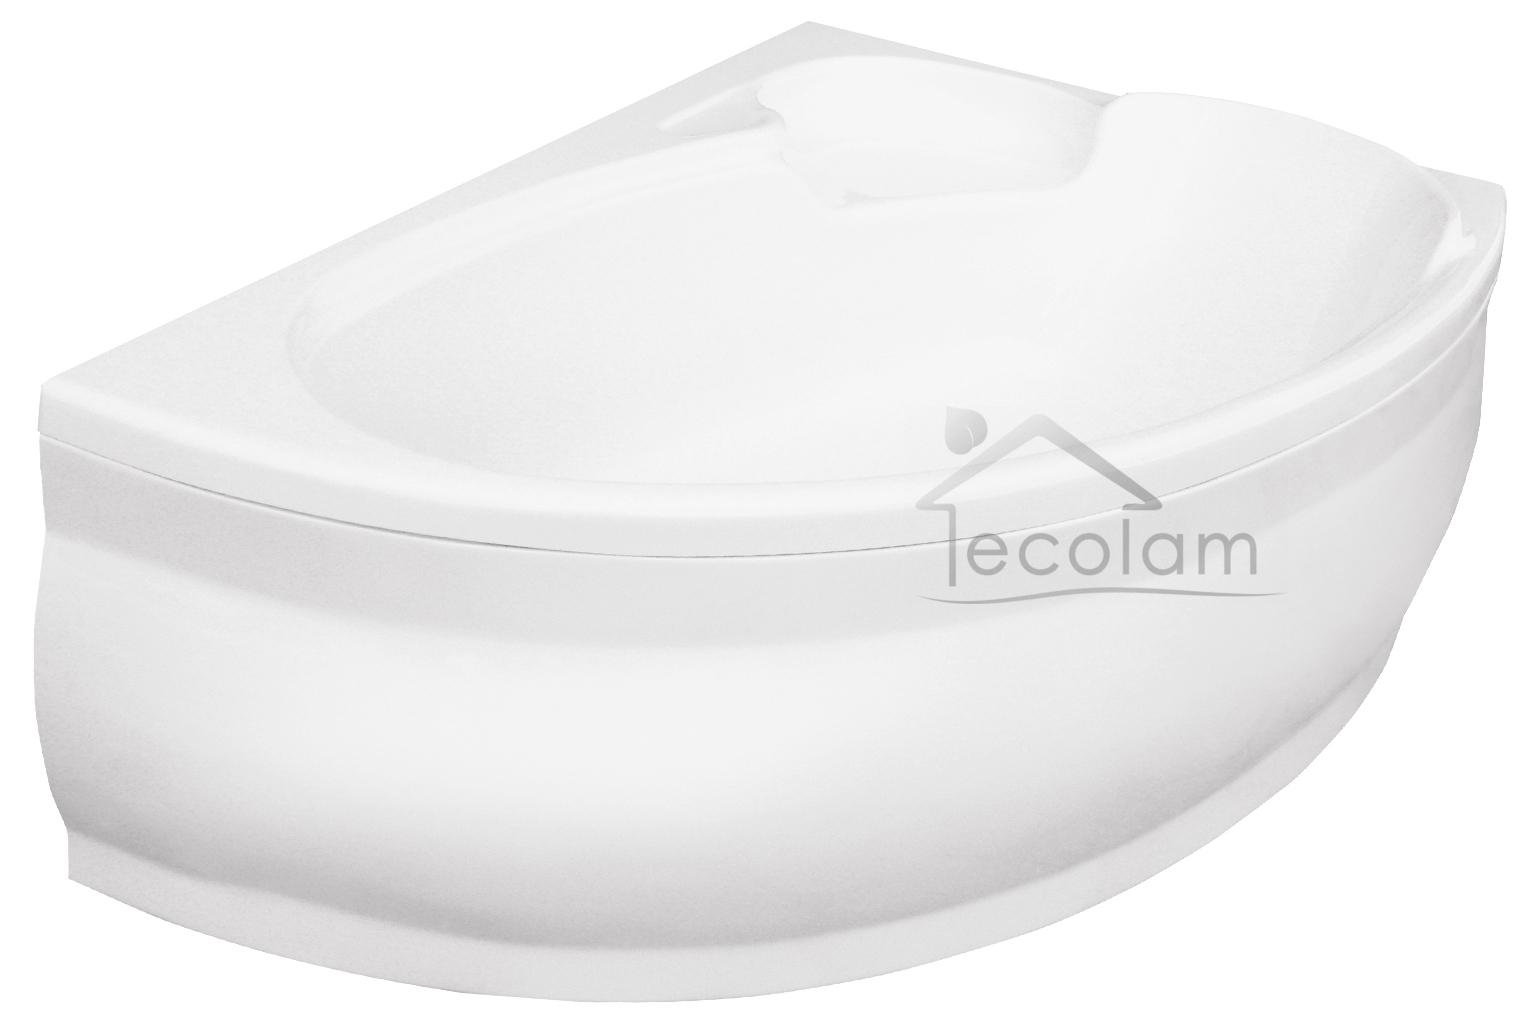 Ablaufgarnitur Dusche Reinigen : Details zu Badewanne Eckbadewanne Dusche 170 x 110 cm Sch?rze Ablauf